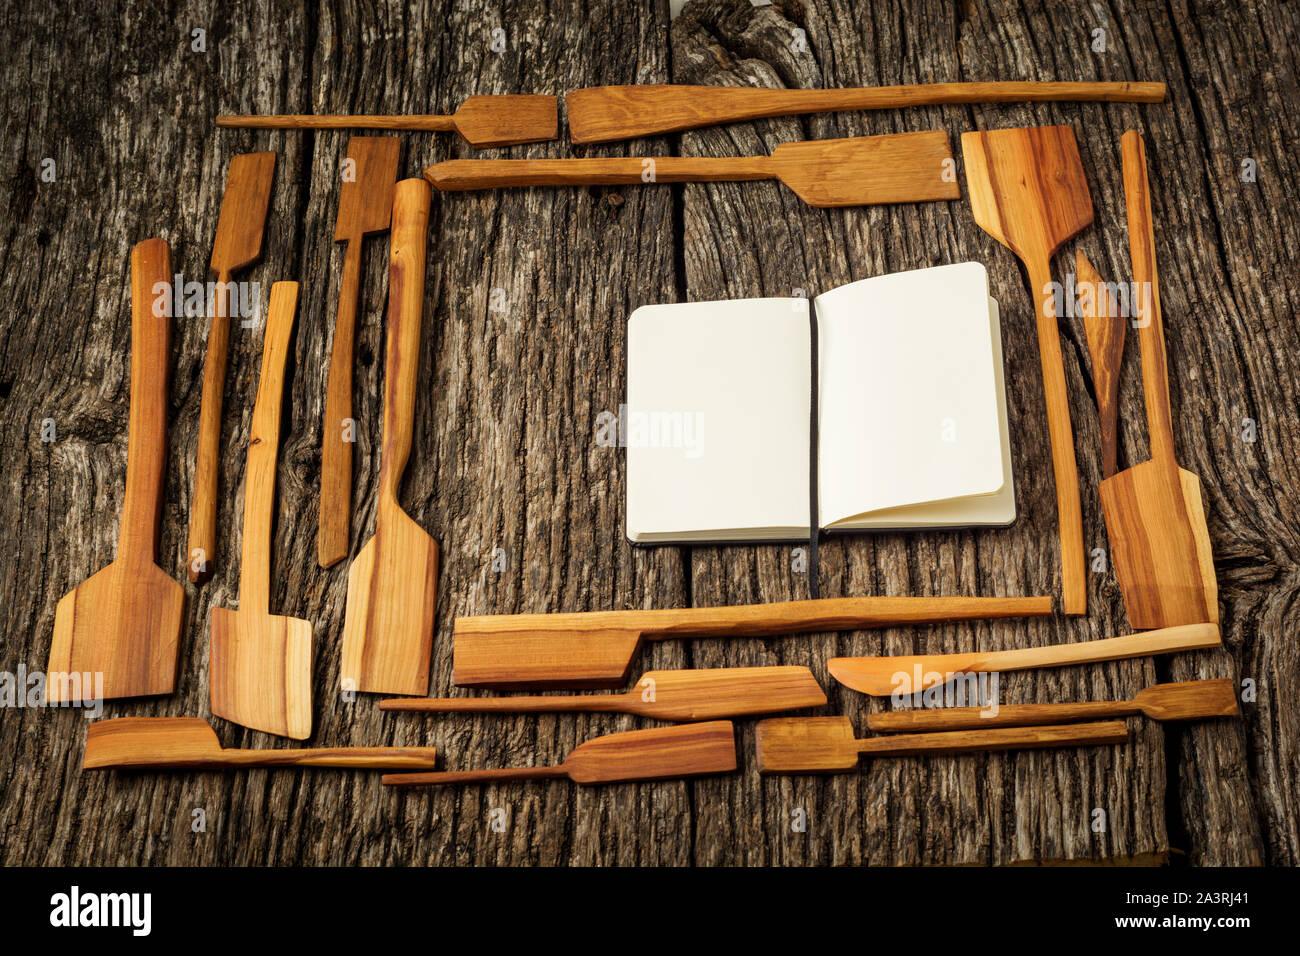 Cornice fatta di utensili da cucina in un casale rustico tavolo da cucina con notebook. Foto Stock